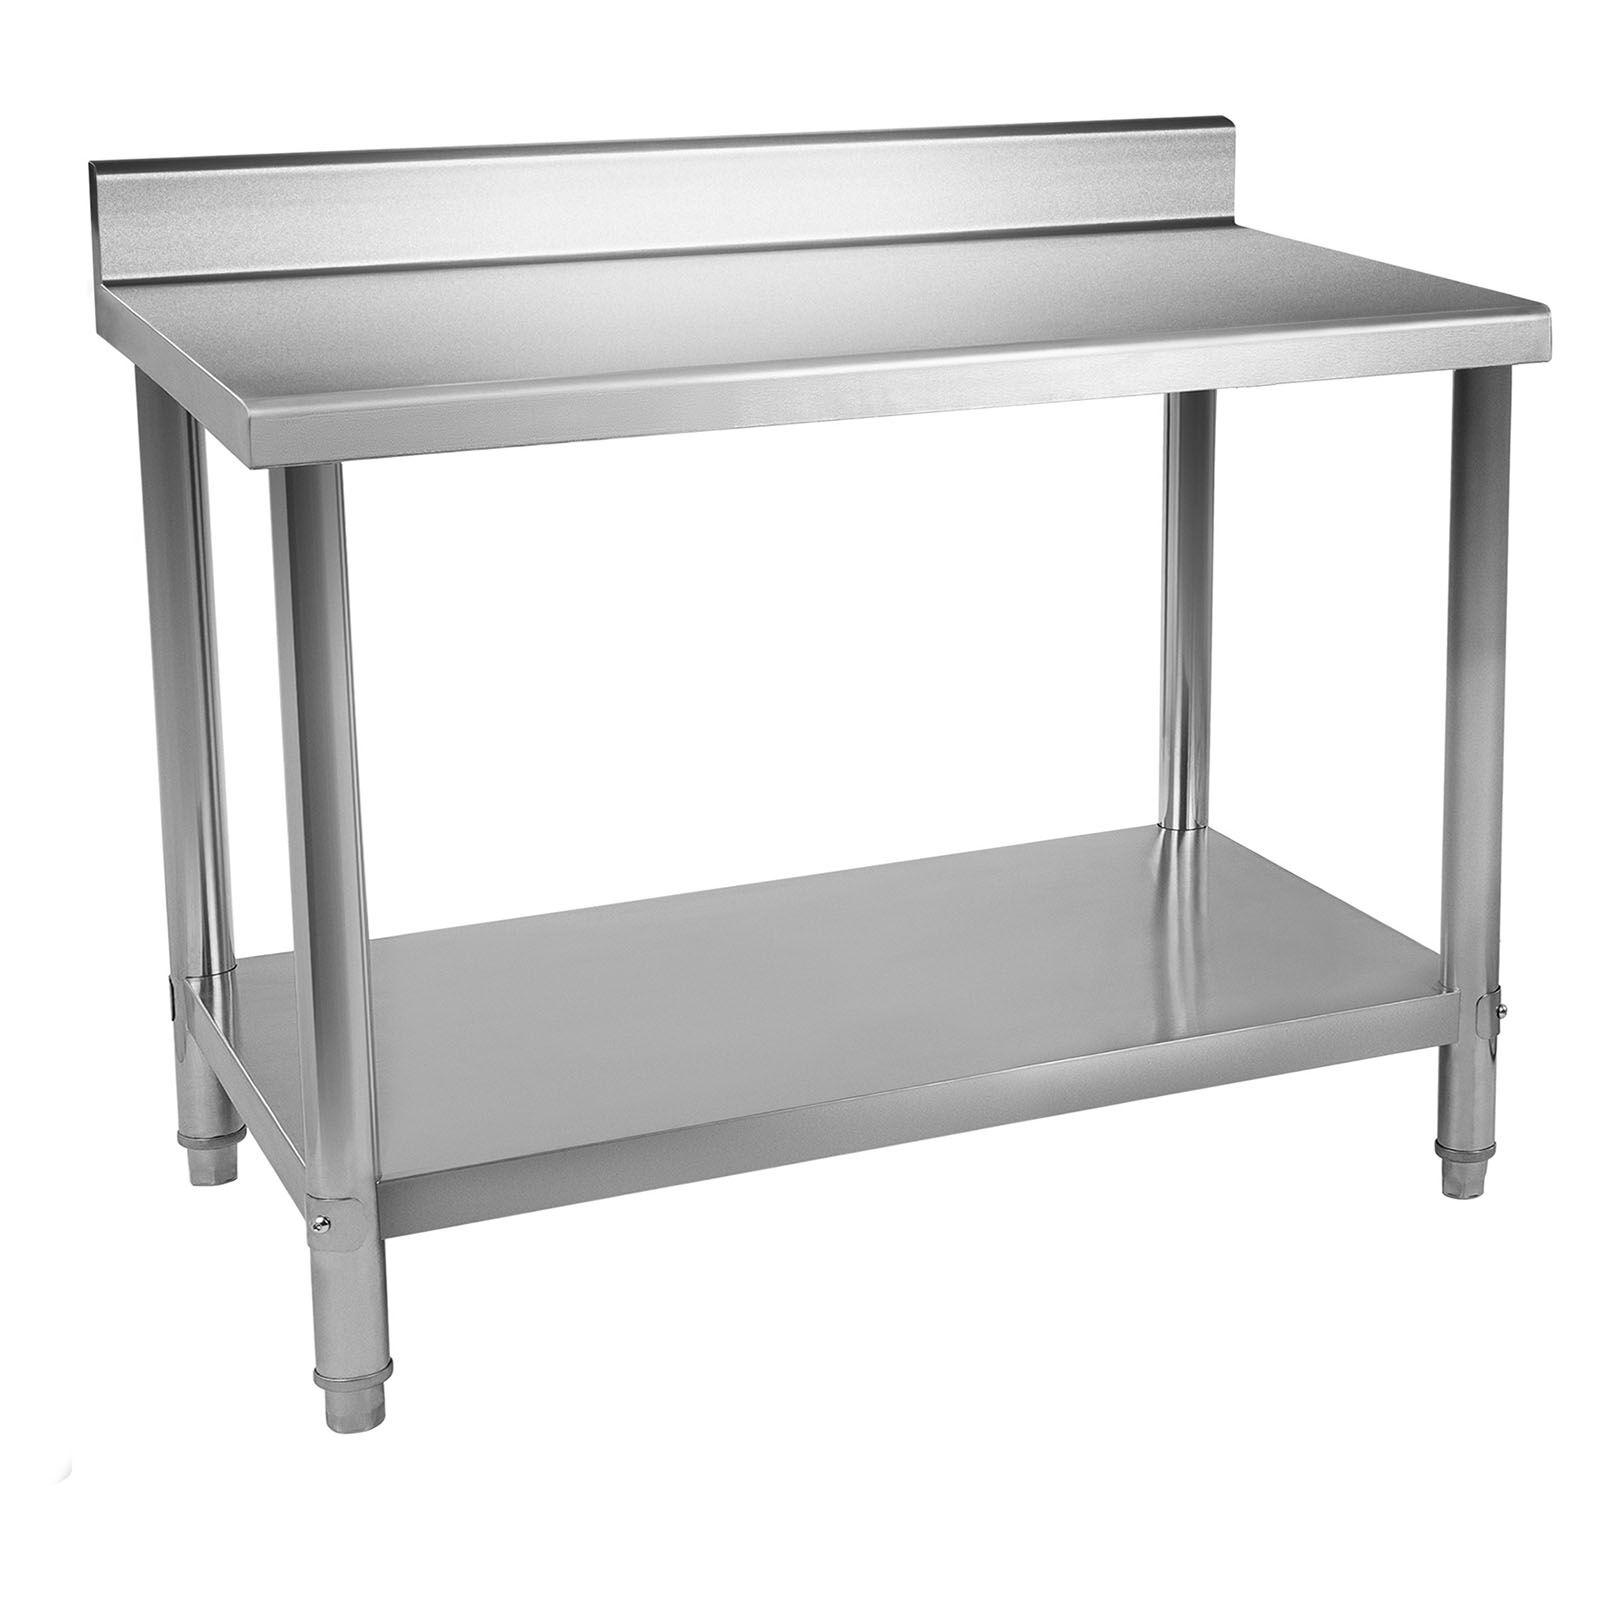 Royal Catering Table de travail en inox avec dosseret - 100 x 60 cm - Capacité de 114 kg